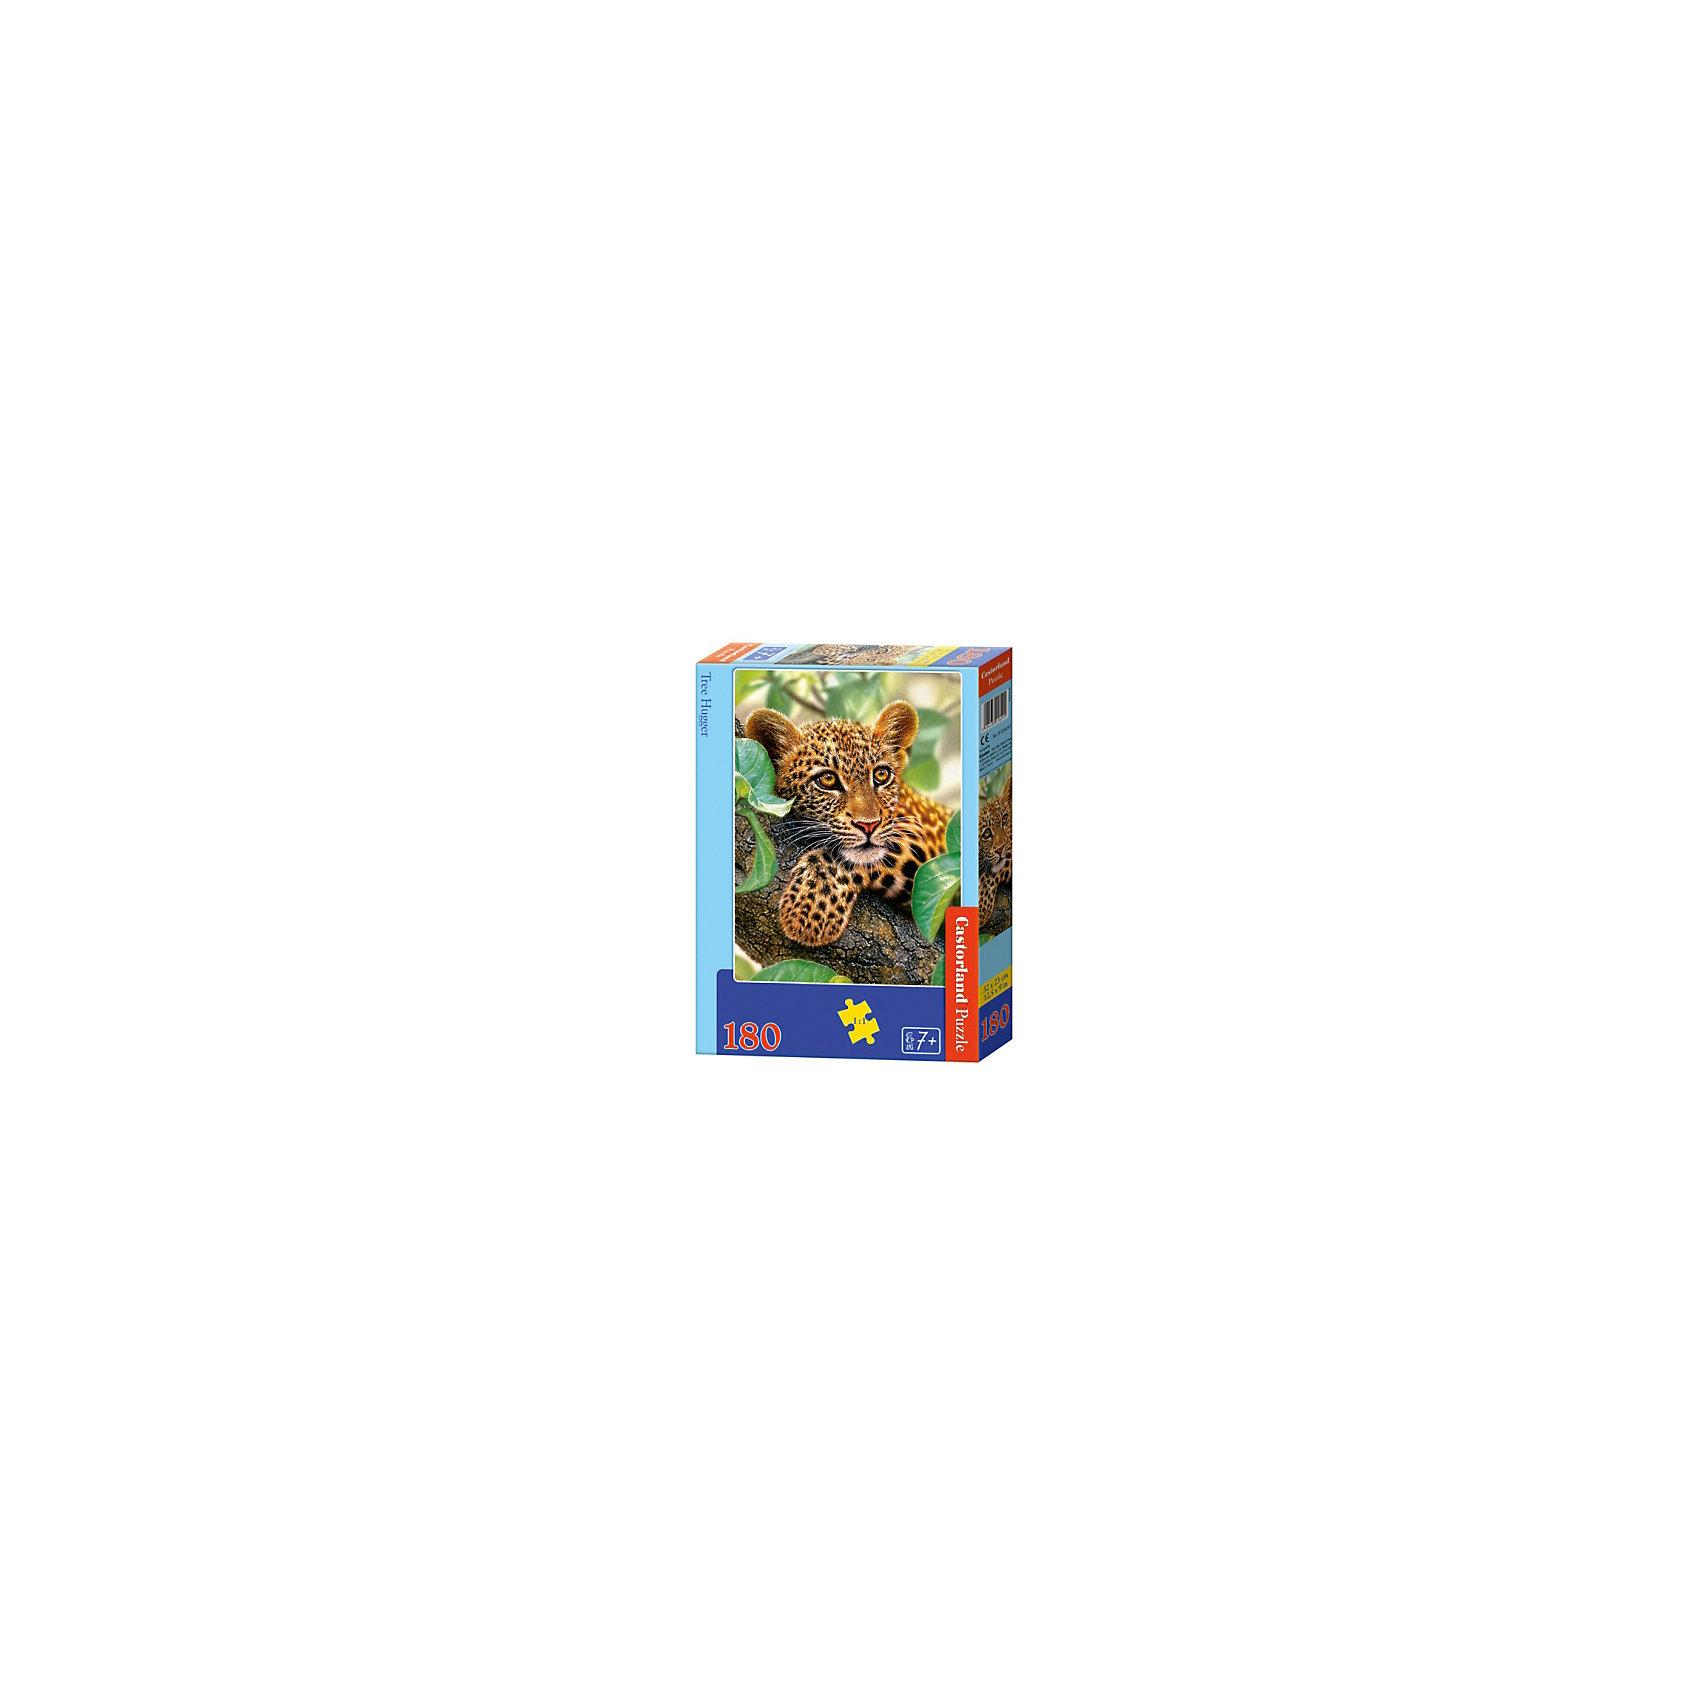 Пазл Castorland Ягуар на дереве, 180 деталейПазлы для детей постарше<br>Характеристики:<br><br>• возраст: от 7 лет<br>• количество деталей: 180 шт.<br>• размер собранного пазла: 23х32 см.<br>• материал: картон<br>• упаковка: картонная коробка<br>• размер упаковки: 17,5x3,7x24,5 см.<br>• вес: 300 гр.<br>• страна обладатель бренда: Польша<br><br>Пазл «Ягуар на дереве» от Castorland (Касторленд) отличается высоким качеством, высоким уровнем полиграфии, насыщенными цветами и идеальной стыковкой элементов. Из 180 элементов пазла ребенок соберет красочную картину с изображением ягуара, притаившегося на дереве.<br><br>Пазл Ягуар на дереве, 180 деталей, Castorland (Касторленд) можно купить в нашем интернет-магазине.<br><br>Ширина мм: 245<br>Глубина мм: 175<br>Высота мм: 37<br>Вес г: 300<br>Возраст от месяцев: 84<br>Возраст до месяцев: 2147483647<br>Пол: Унисекс<br>Возраст: Детский<br>SKU: 6725091